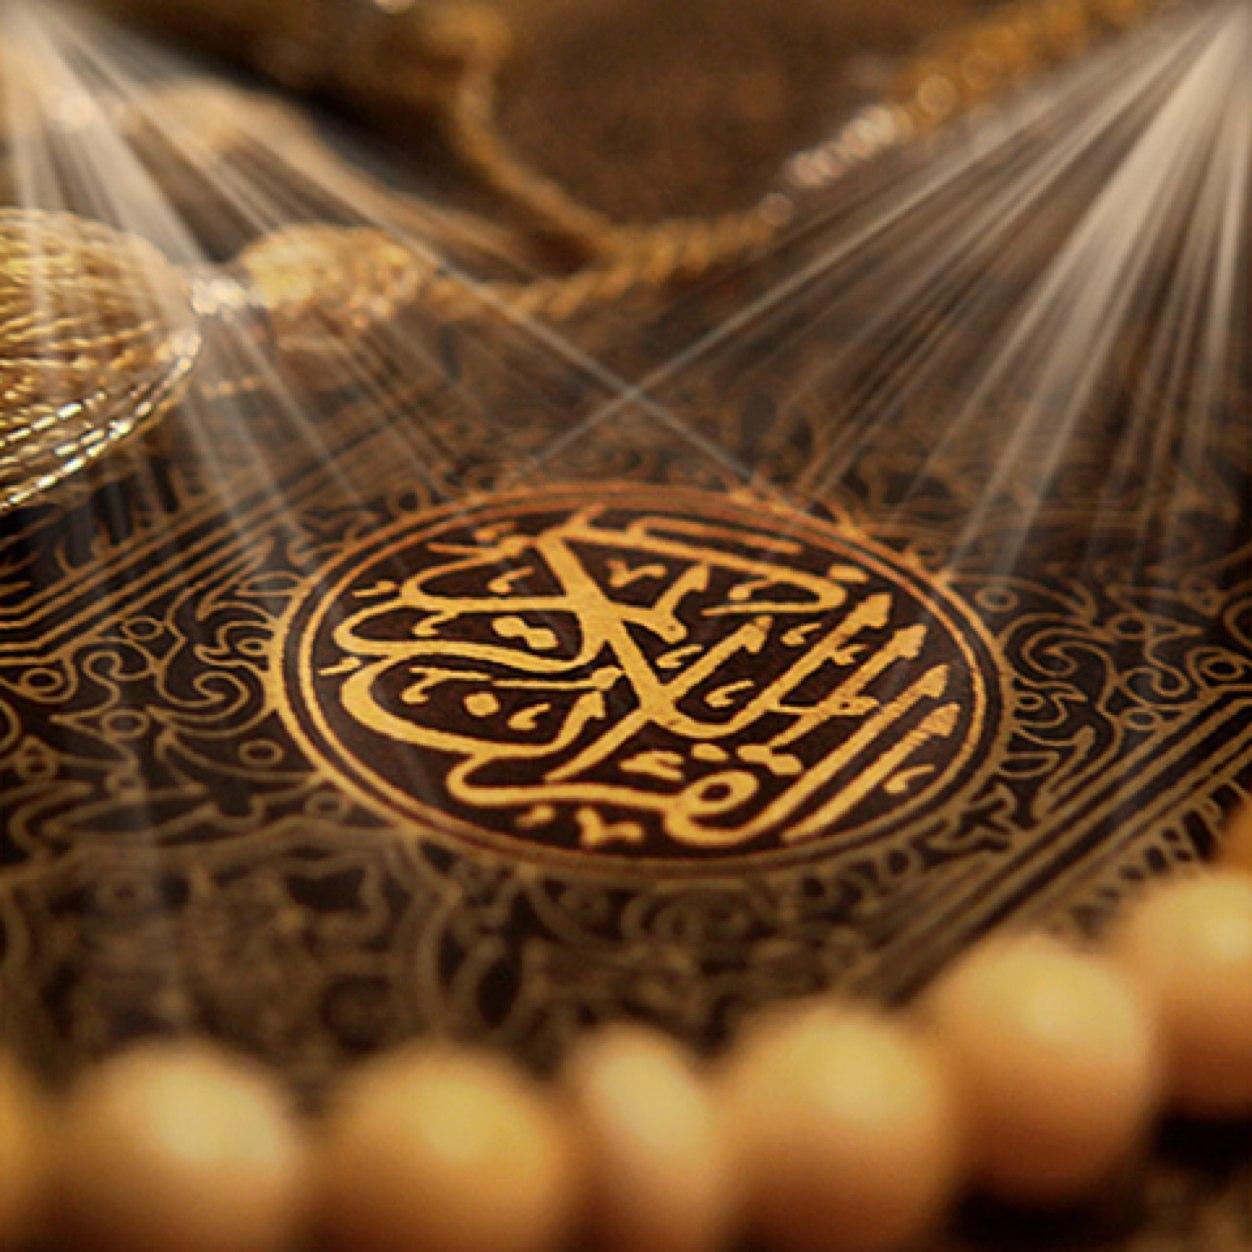 صورة صور للقران الكريم , شاهد بالصور احد اكبر معجزات الله عز وجل